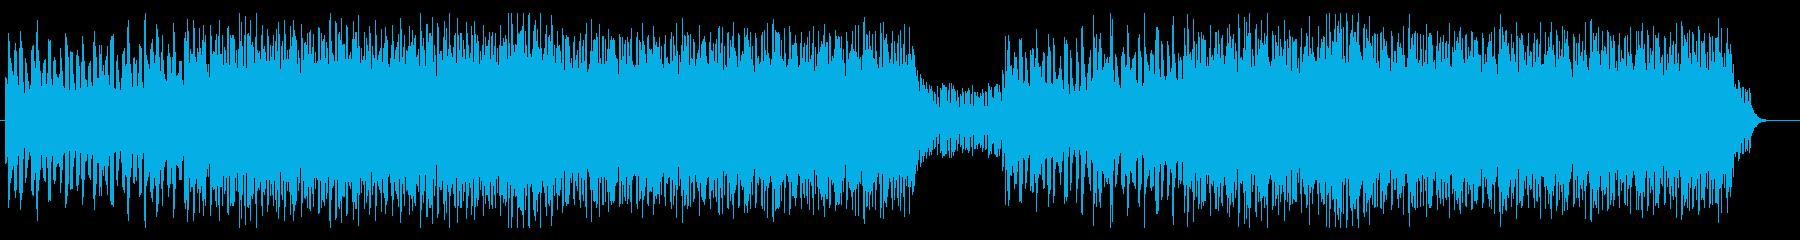 近未来的で疾走感のあるBGMの再生済みの波形